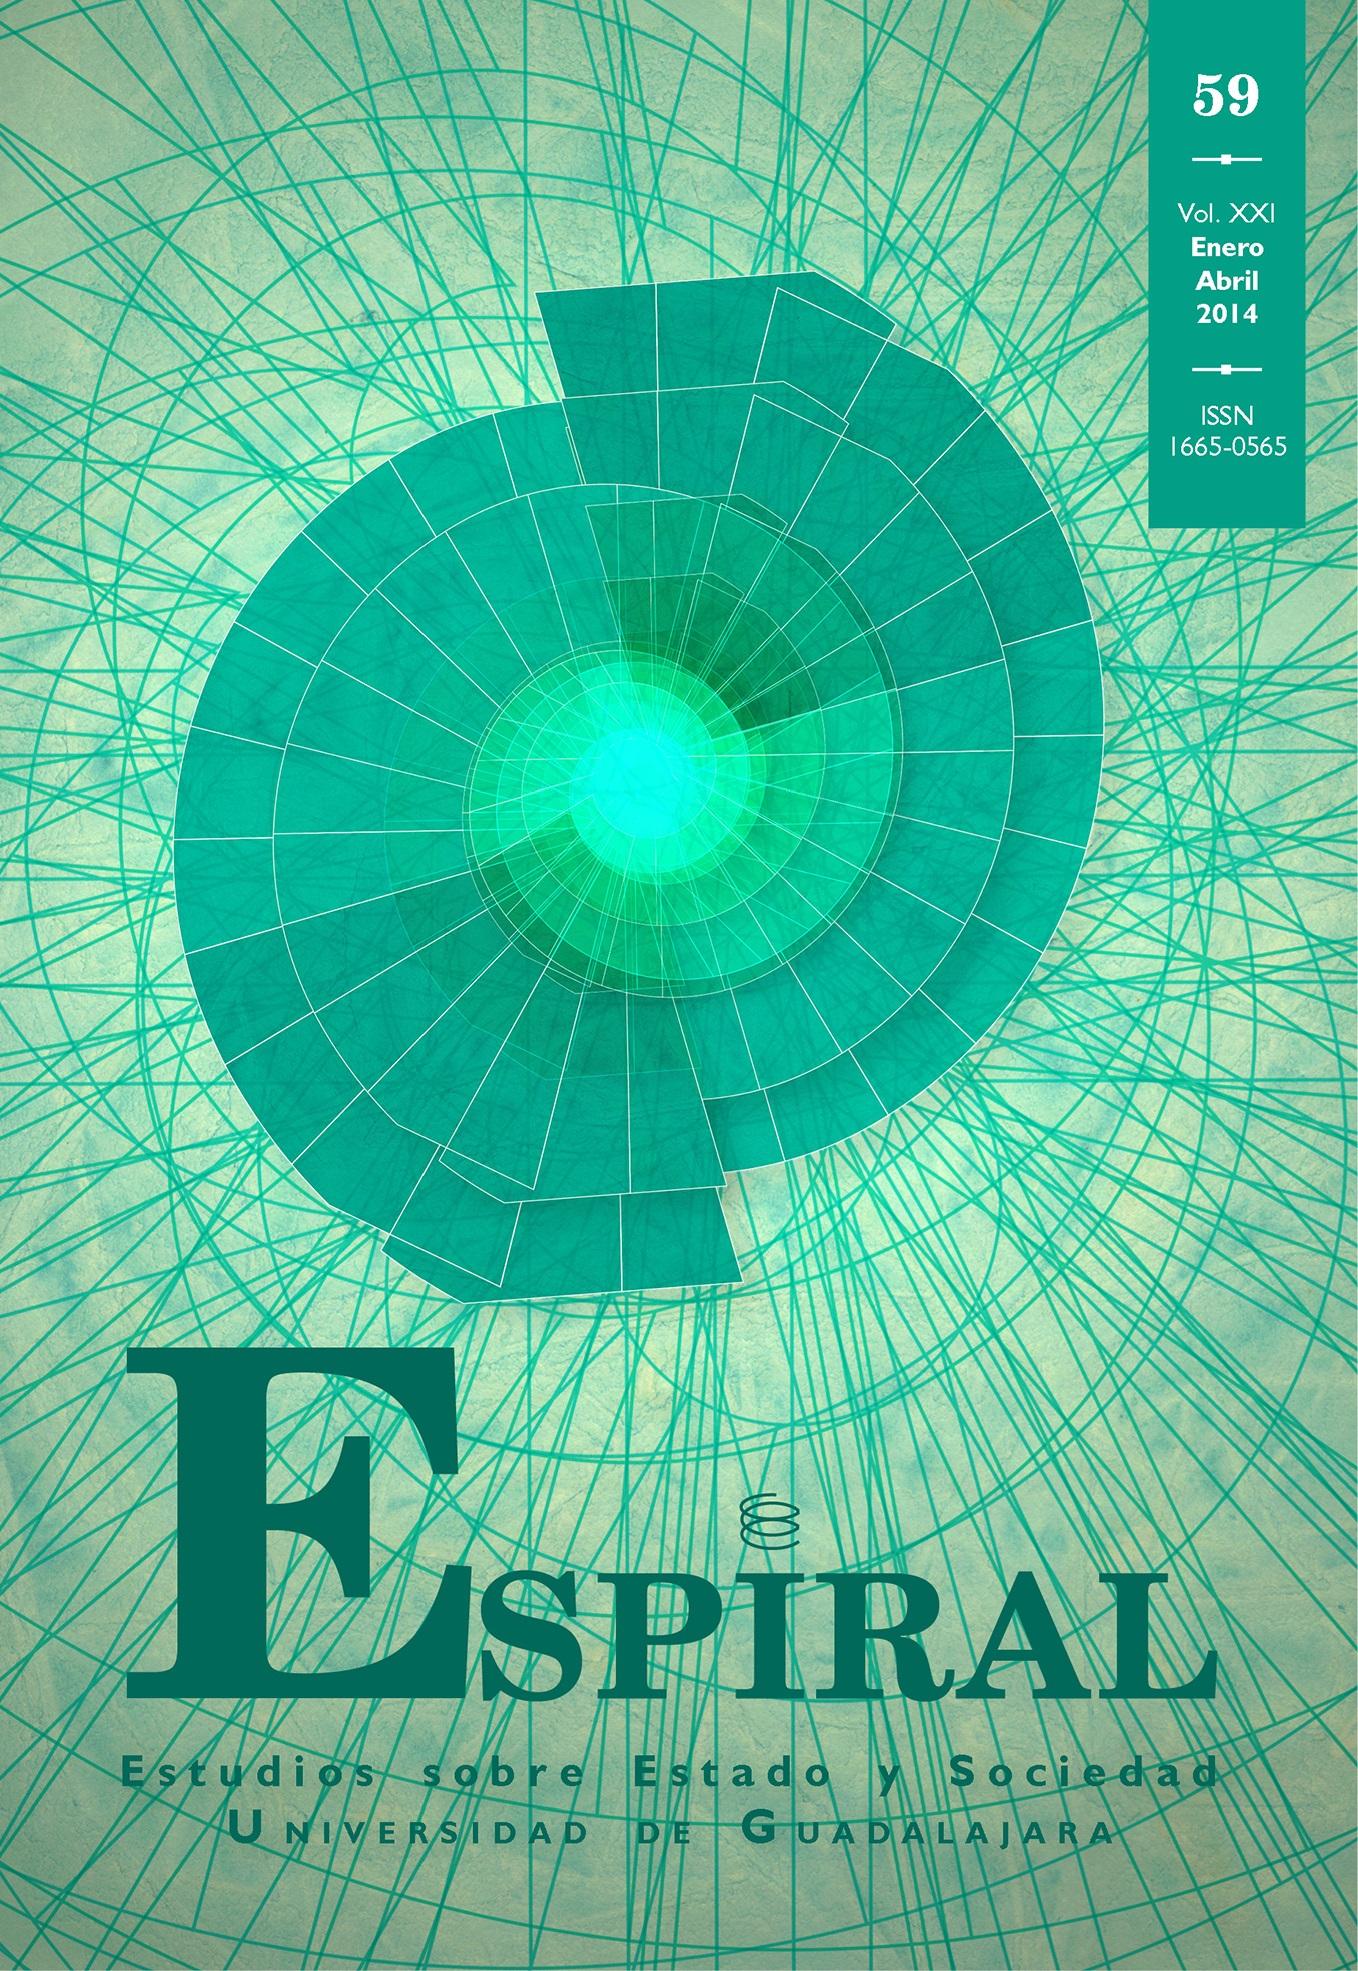 Ver Vol. 21 Núm. 59: Espiral 59 (enero-abril 2014)